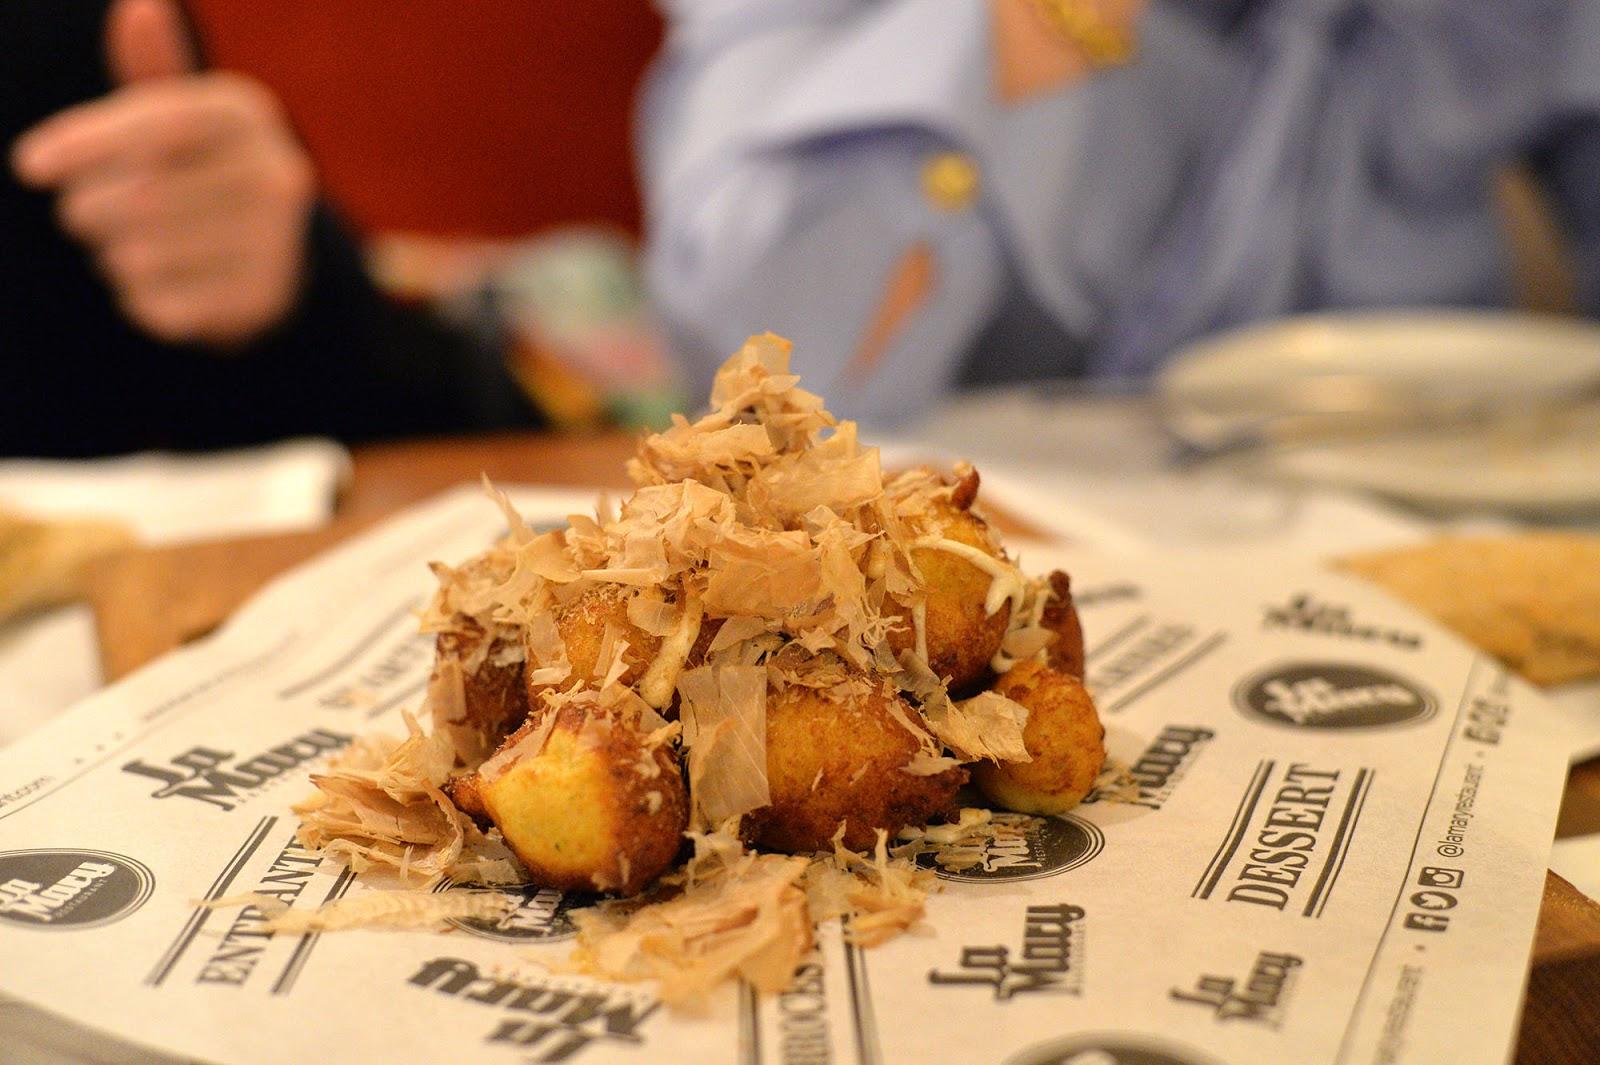 La Mary restaurant Leon Spain buñuelos bacalao